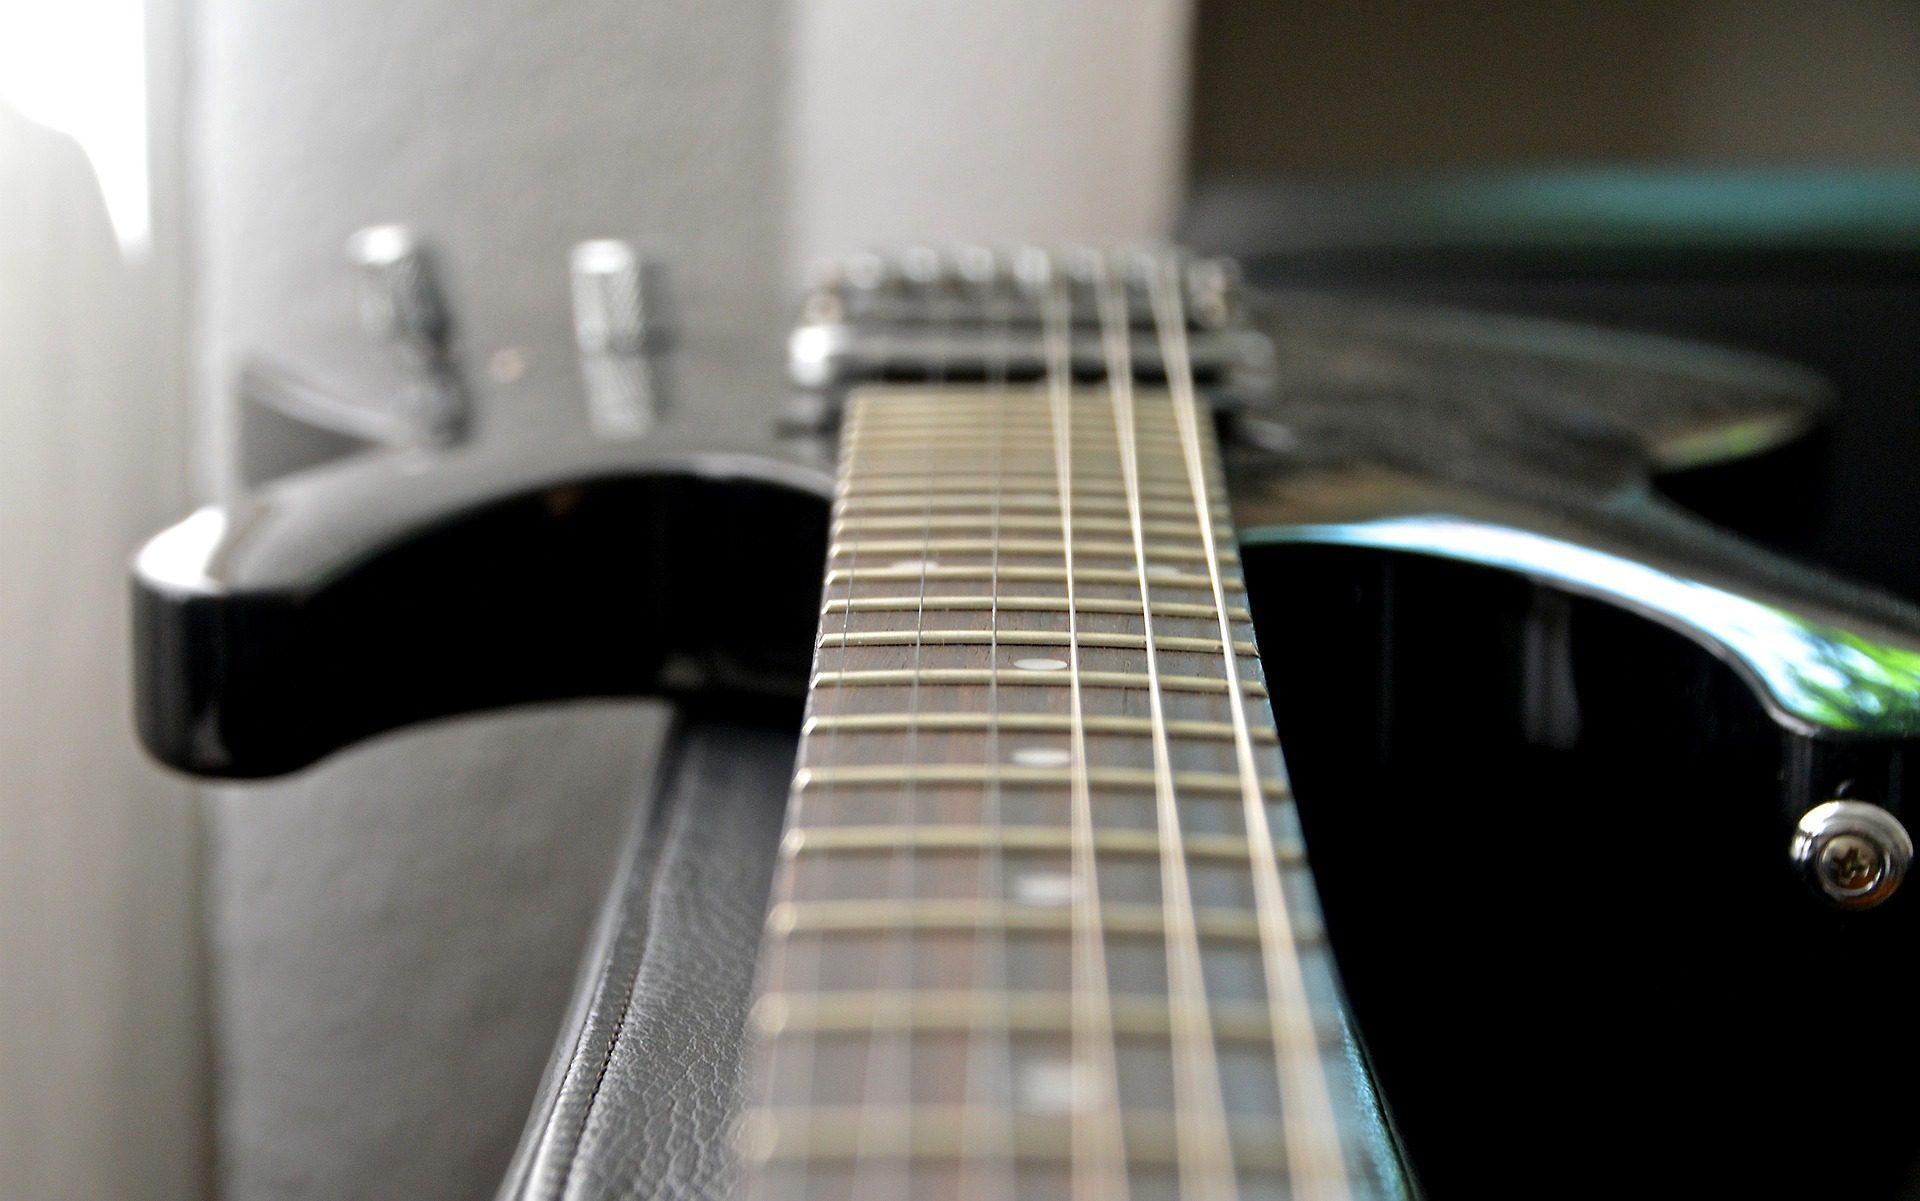 Chitarra, elettrico, stringhe, albero, strumento - Sfondi HD - Professor-falken.com